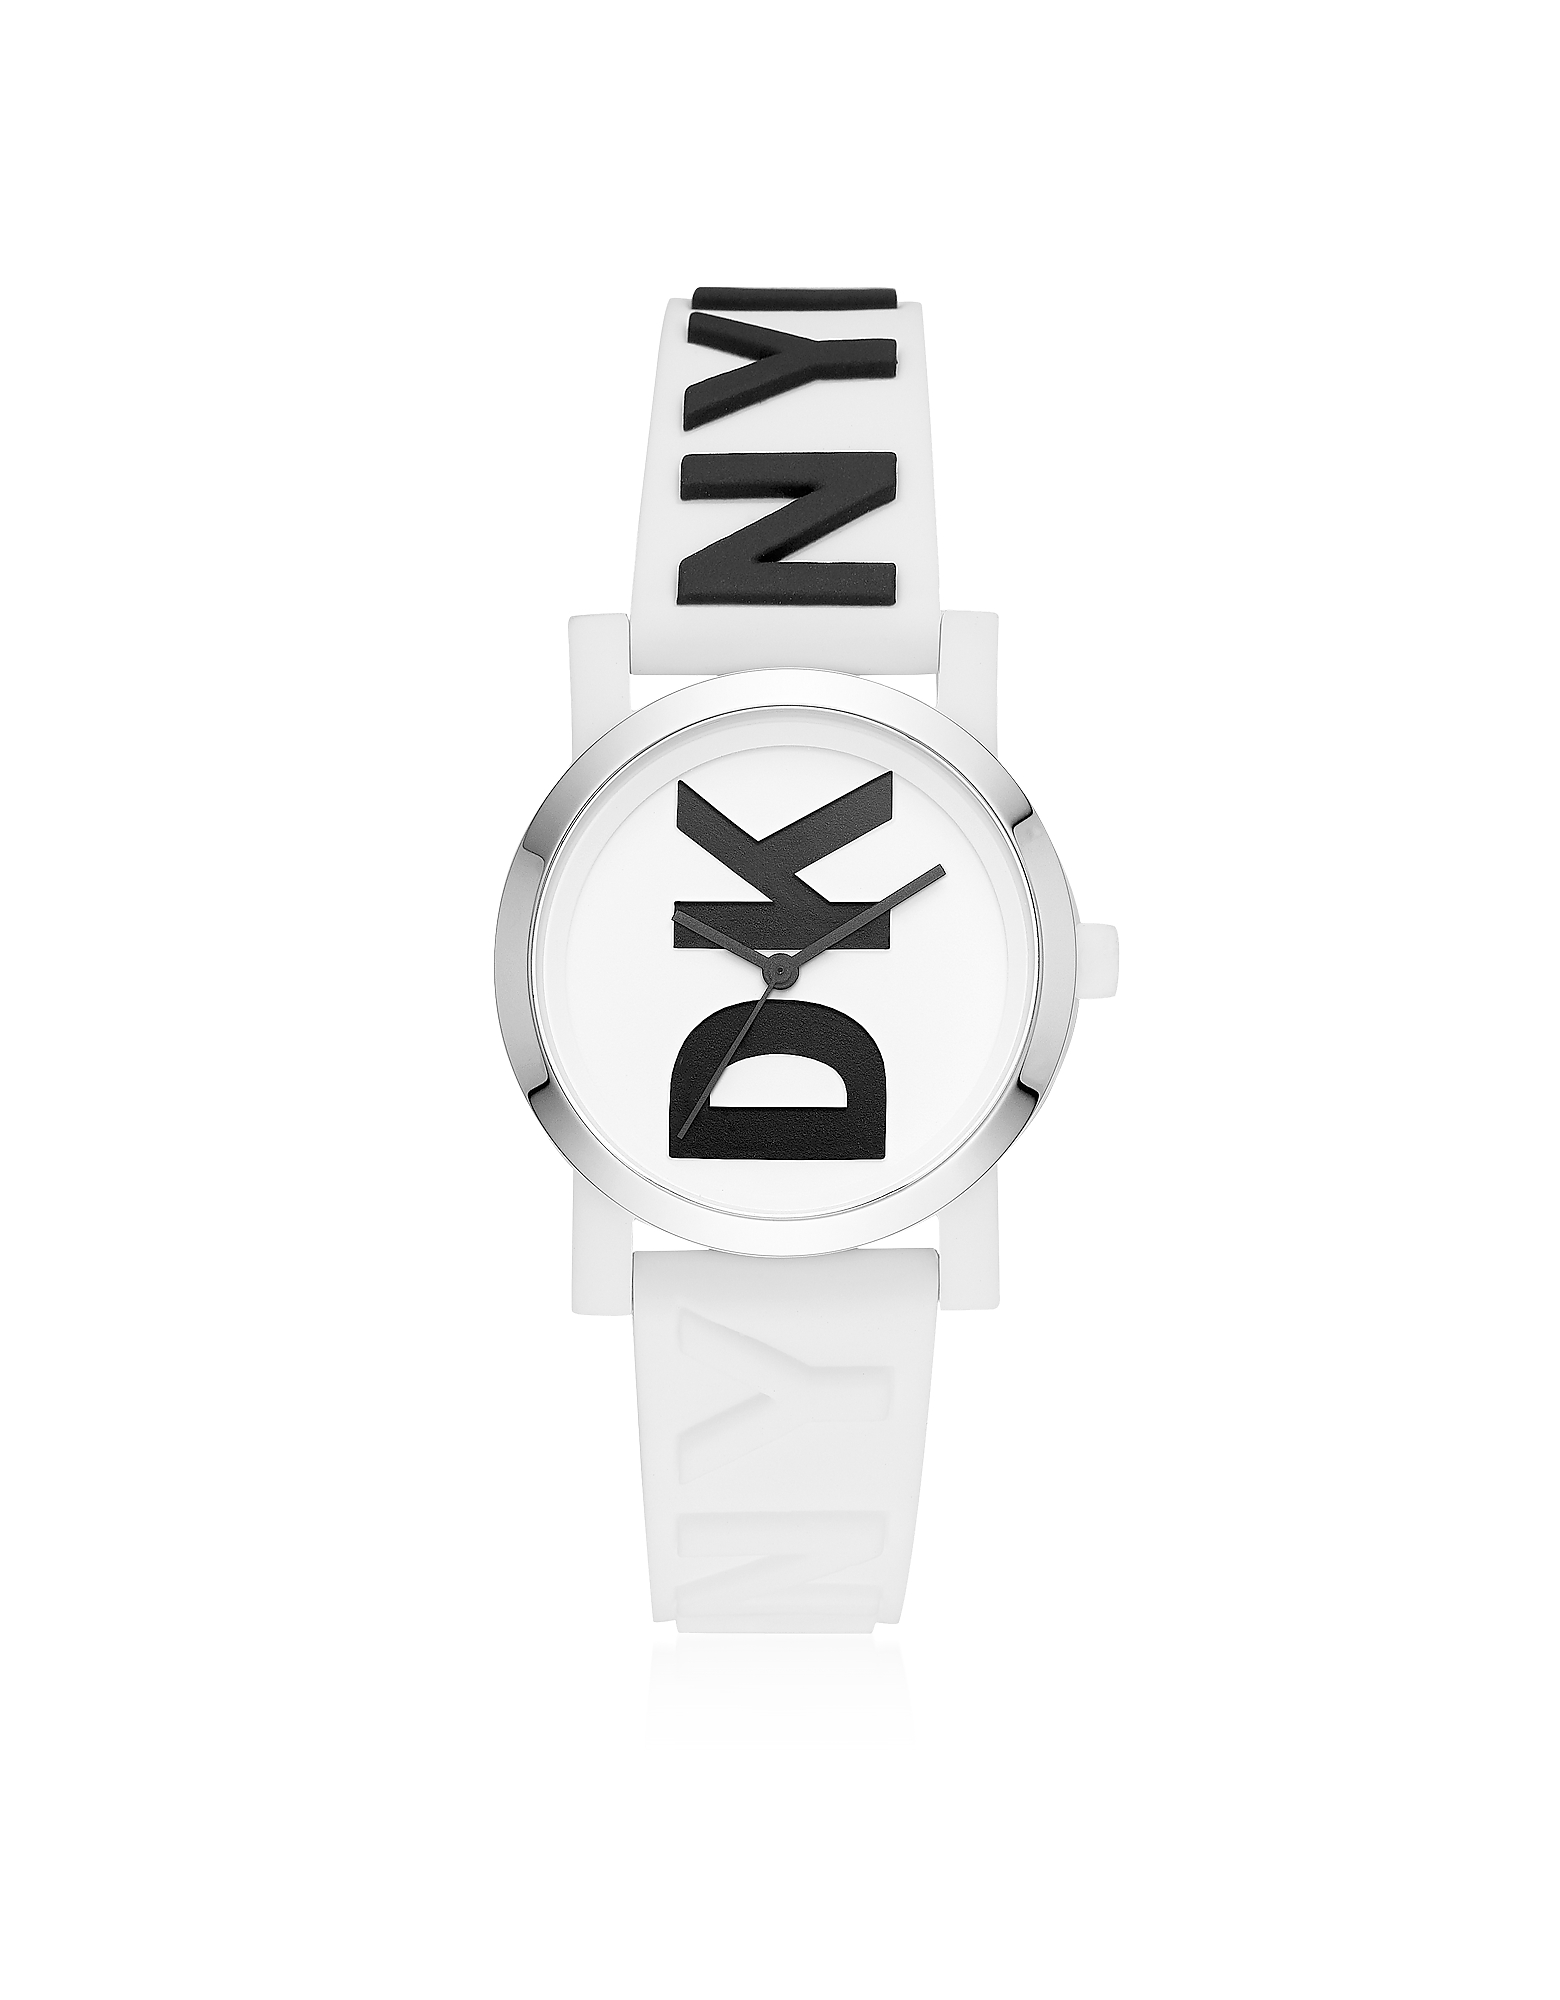 DKNY Women's Watches, NY2725 Soho Women's Watch